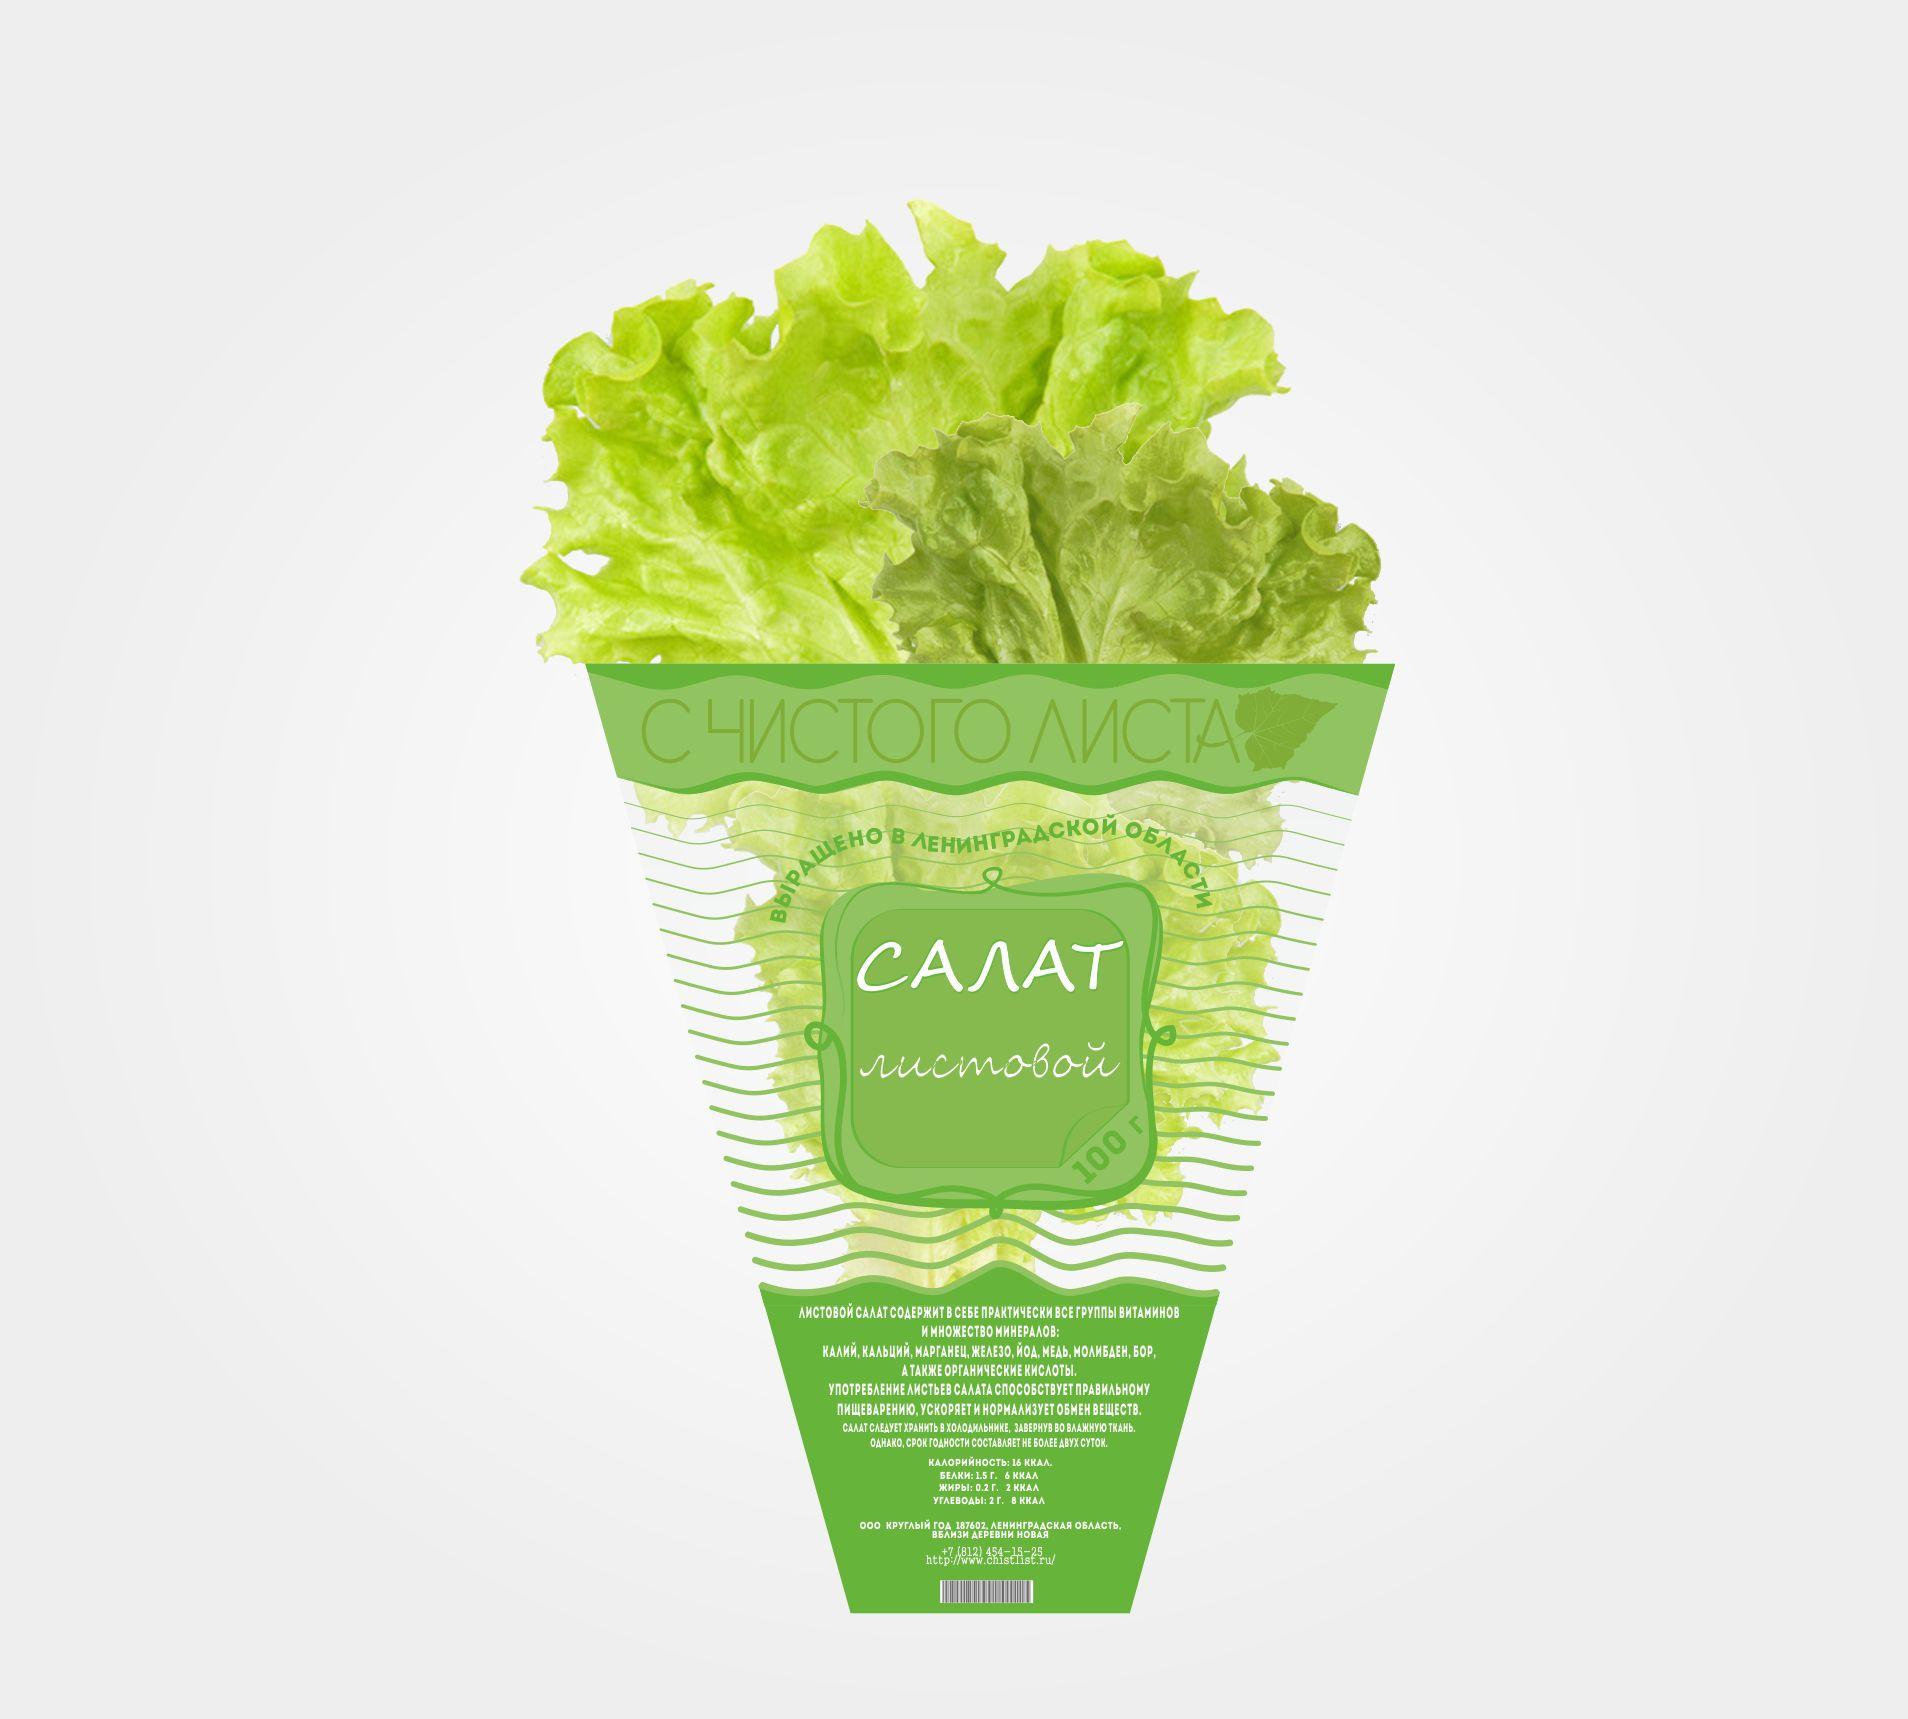 Упаковка для салата в горшочке от ООО Круглый Год - дизайнер YULBAN